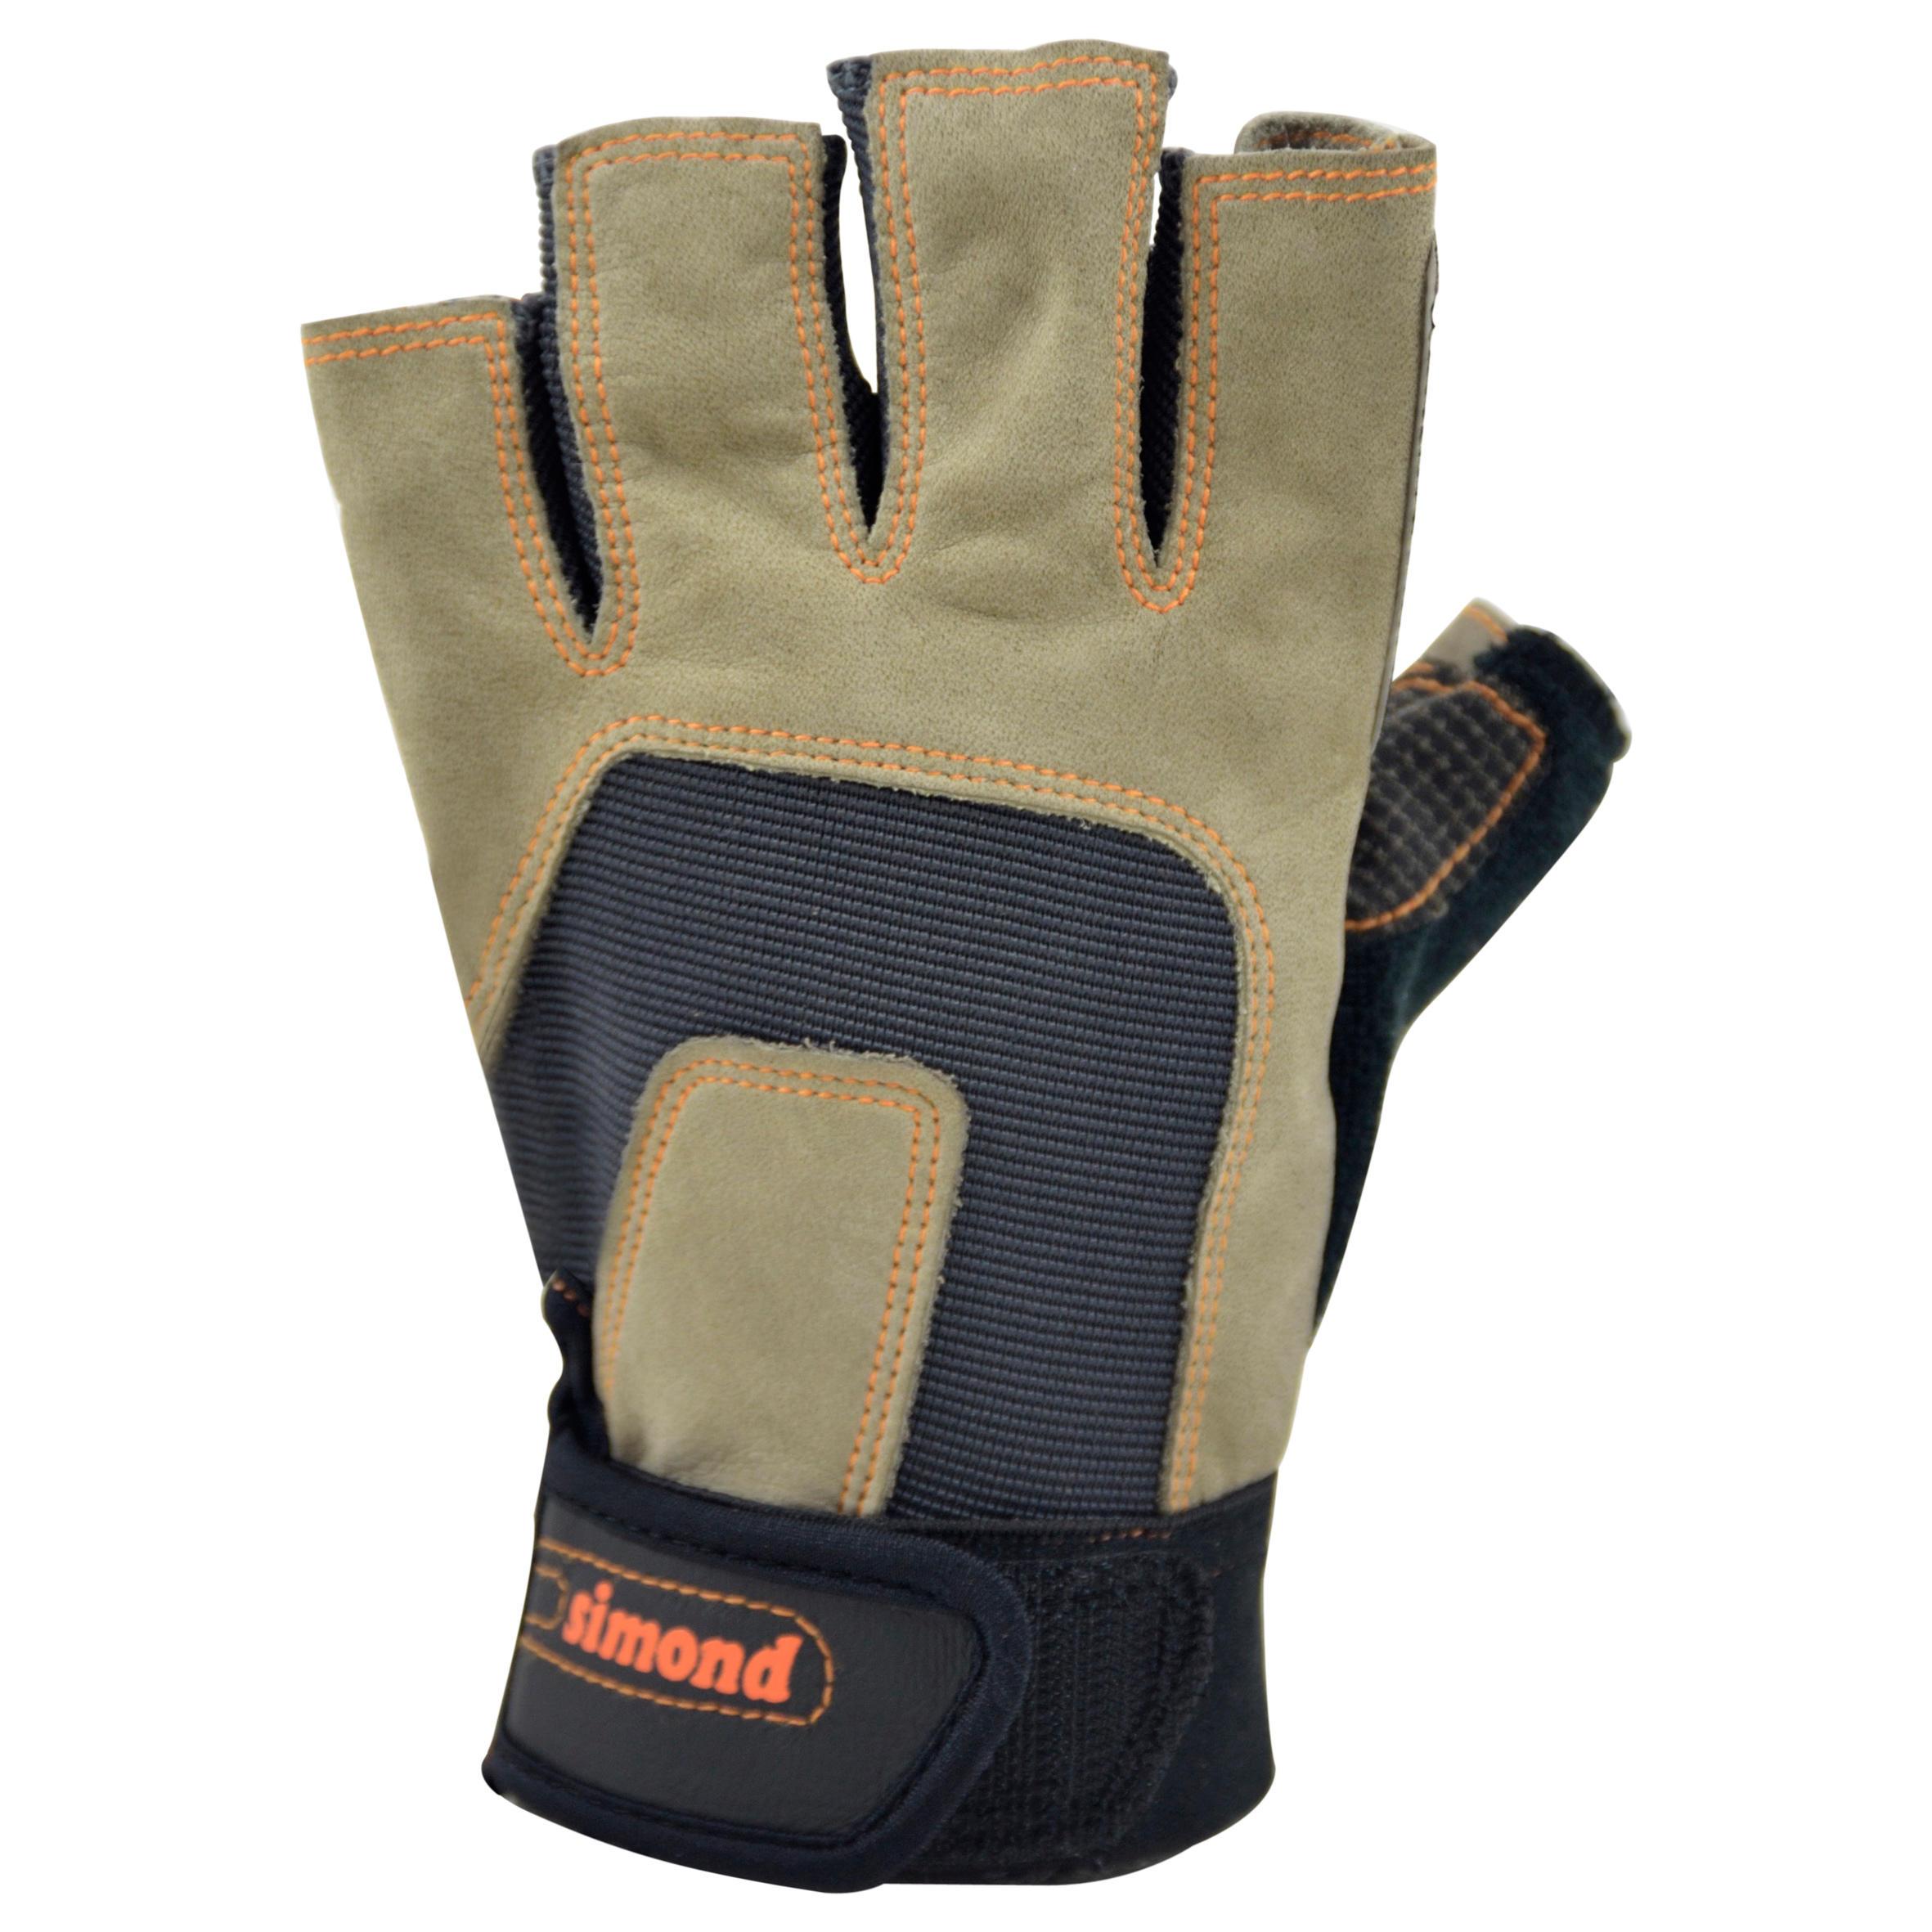 Fingerless Gloves...